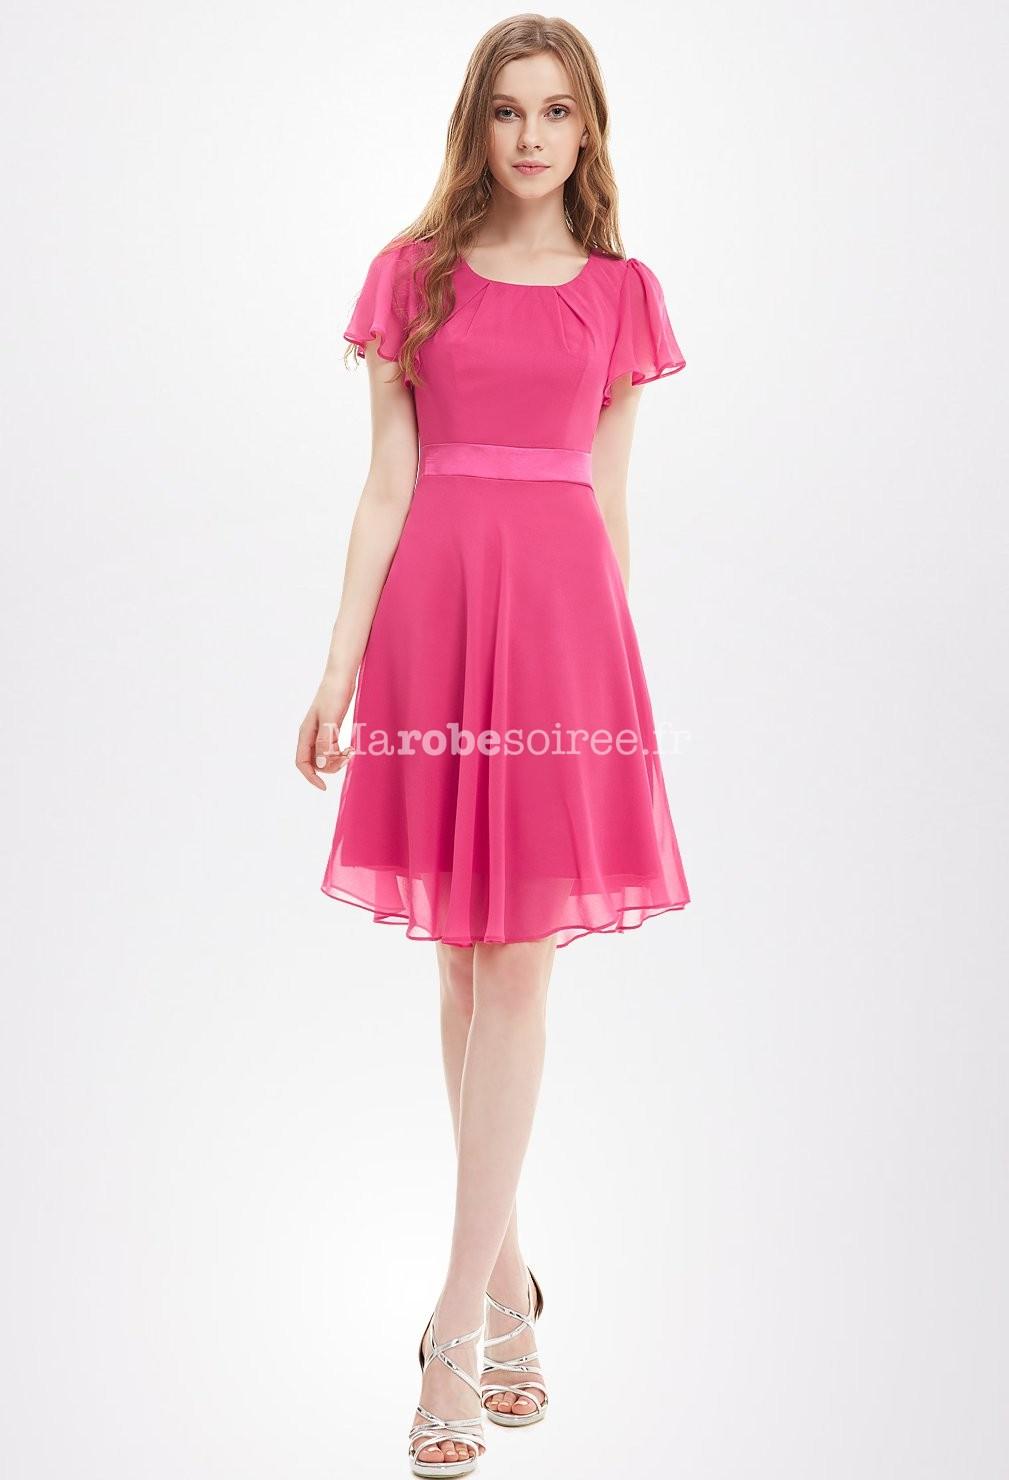 Robe courte avec manches courtes for Petites robes formelles pour mariage